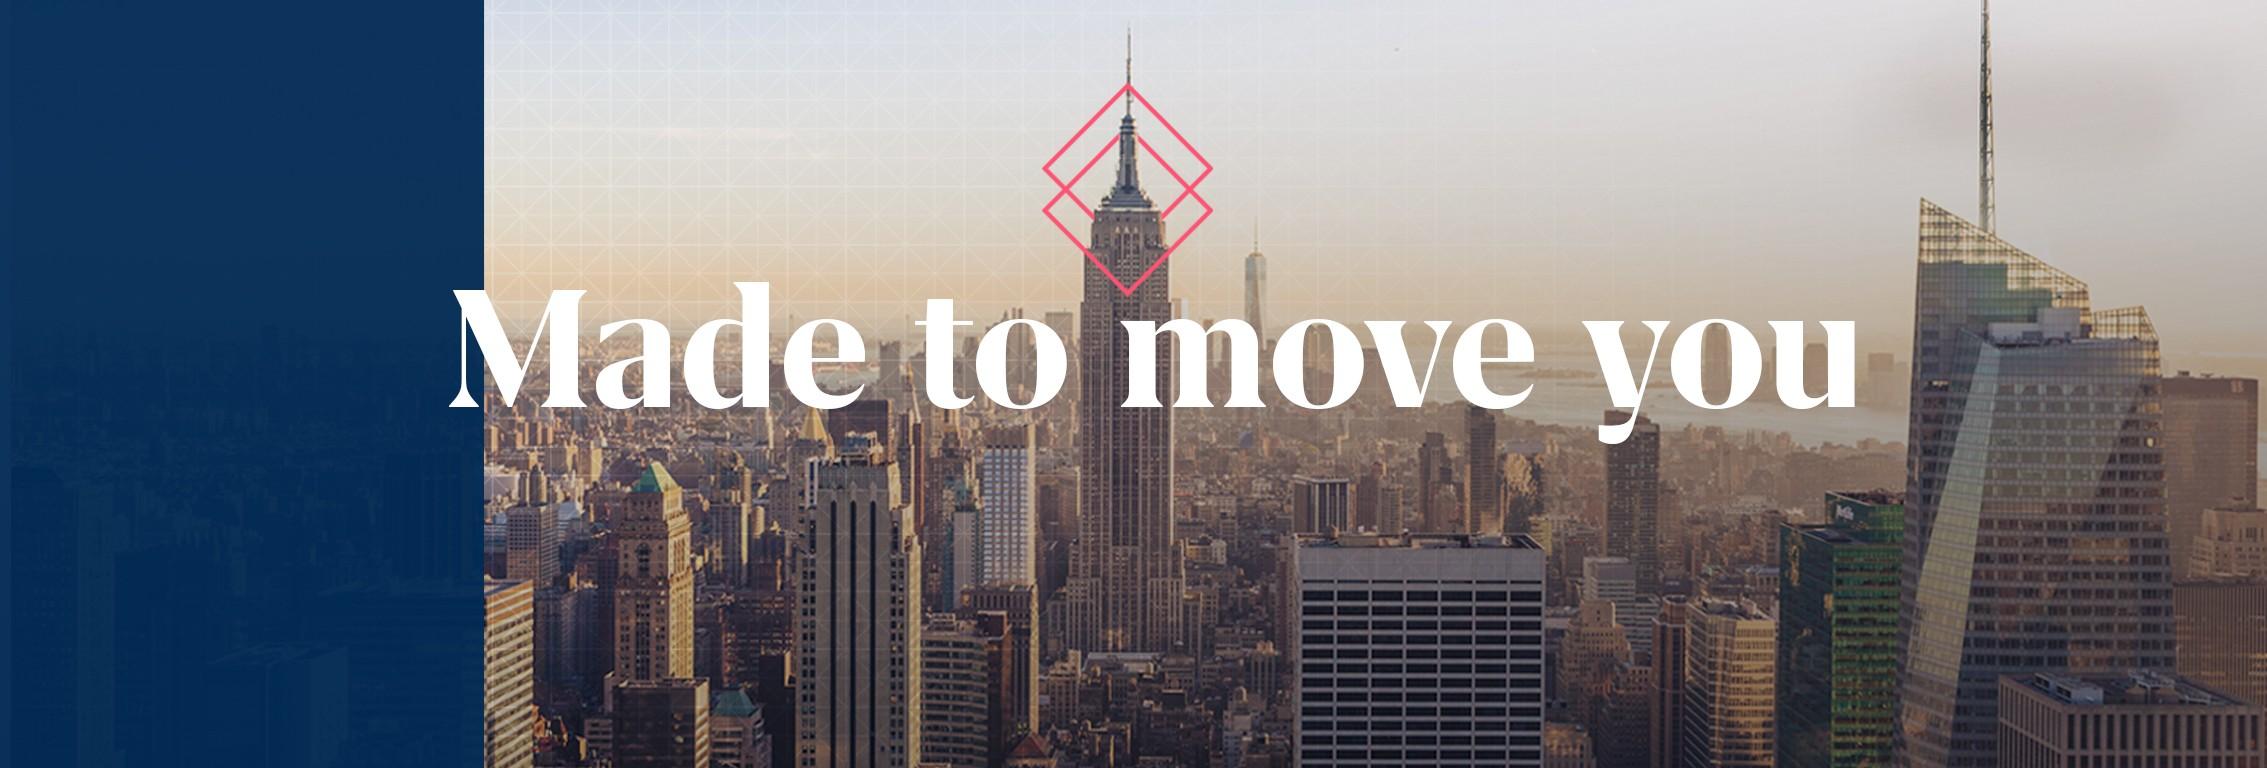 Otis Elevator Co. | LinkedIn on